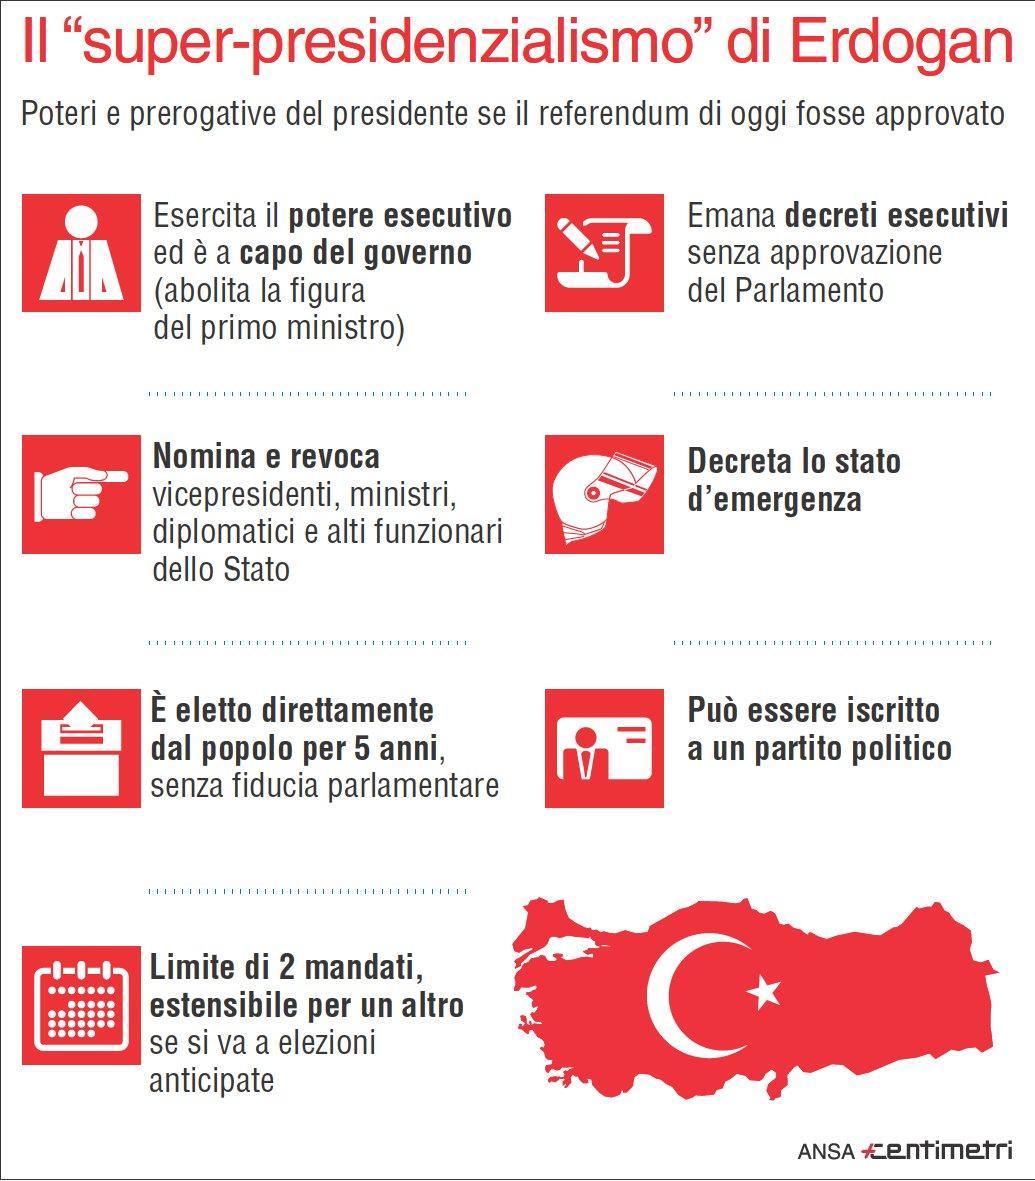 Turchia, domani il referendum costituzionale sui super-poteri a Erdogan